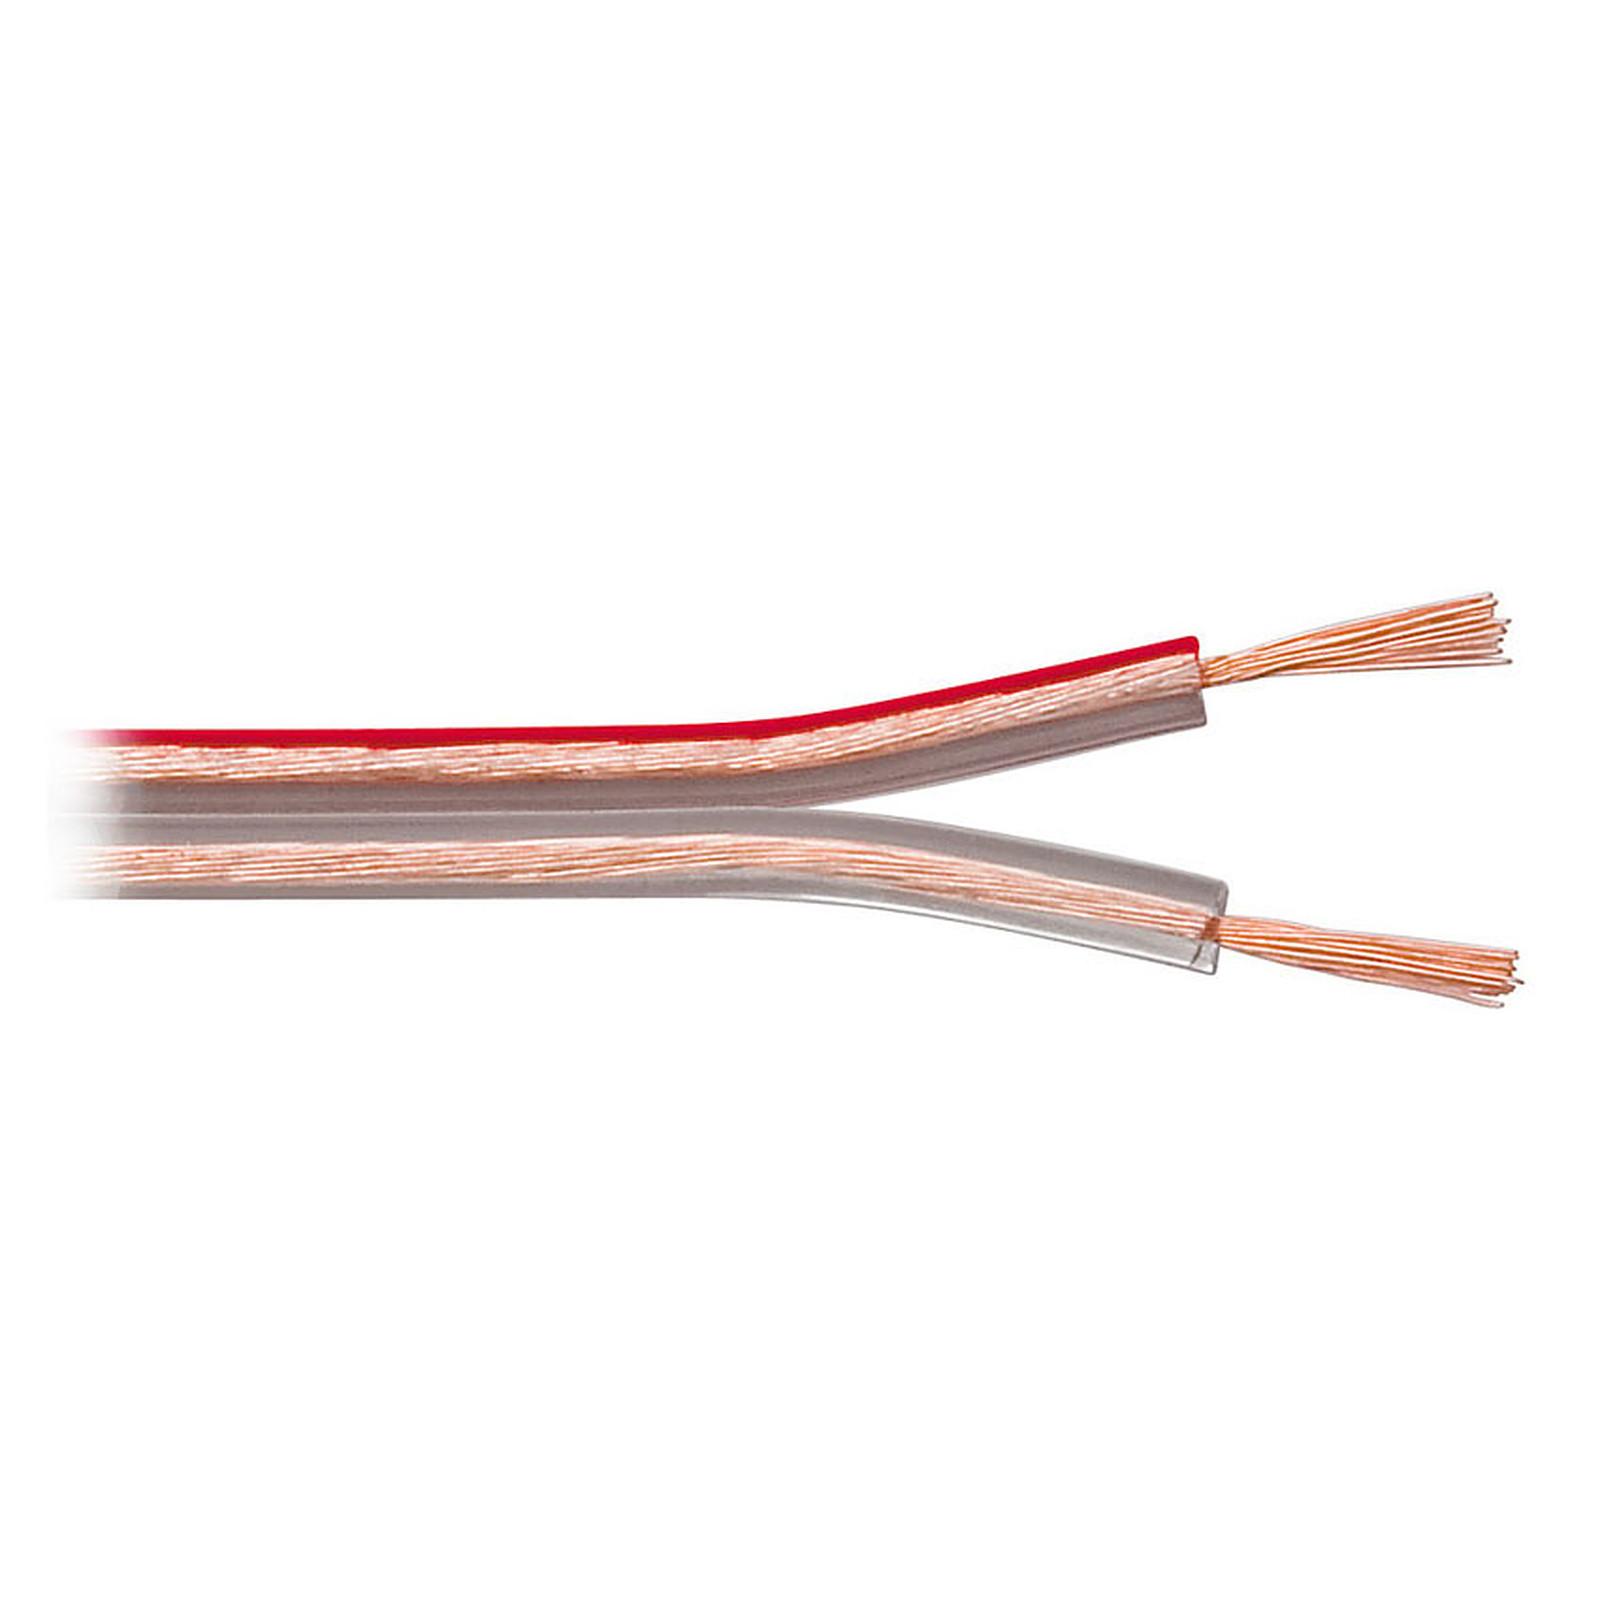 Câble Haut-Parleur 0.75 mm² en cuivre OFC - rouleau de 10 mètres